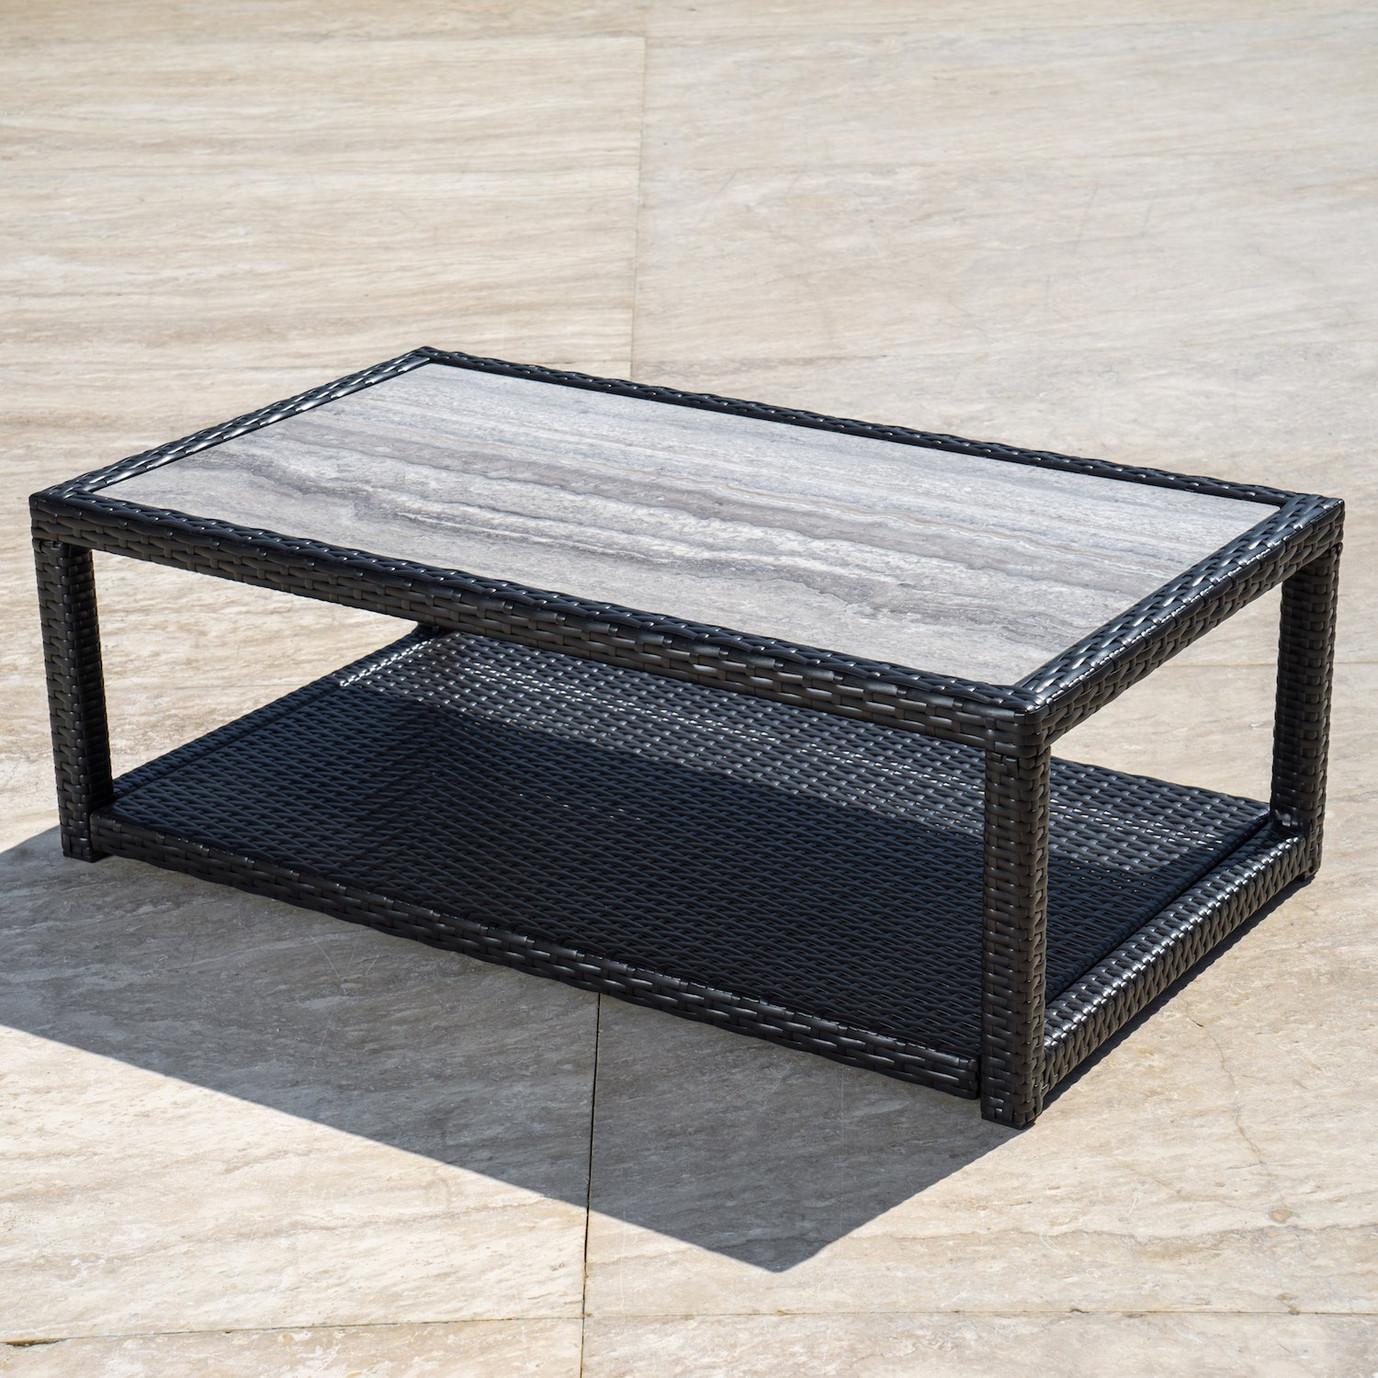 Portofino™ Comfort 26x46 Stone Top Coffee Table - Espresso Taupe